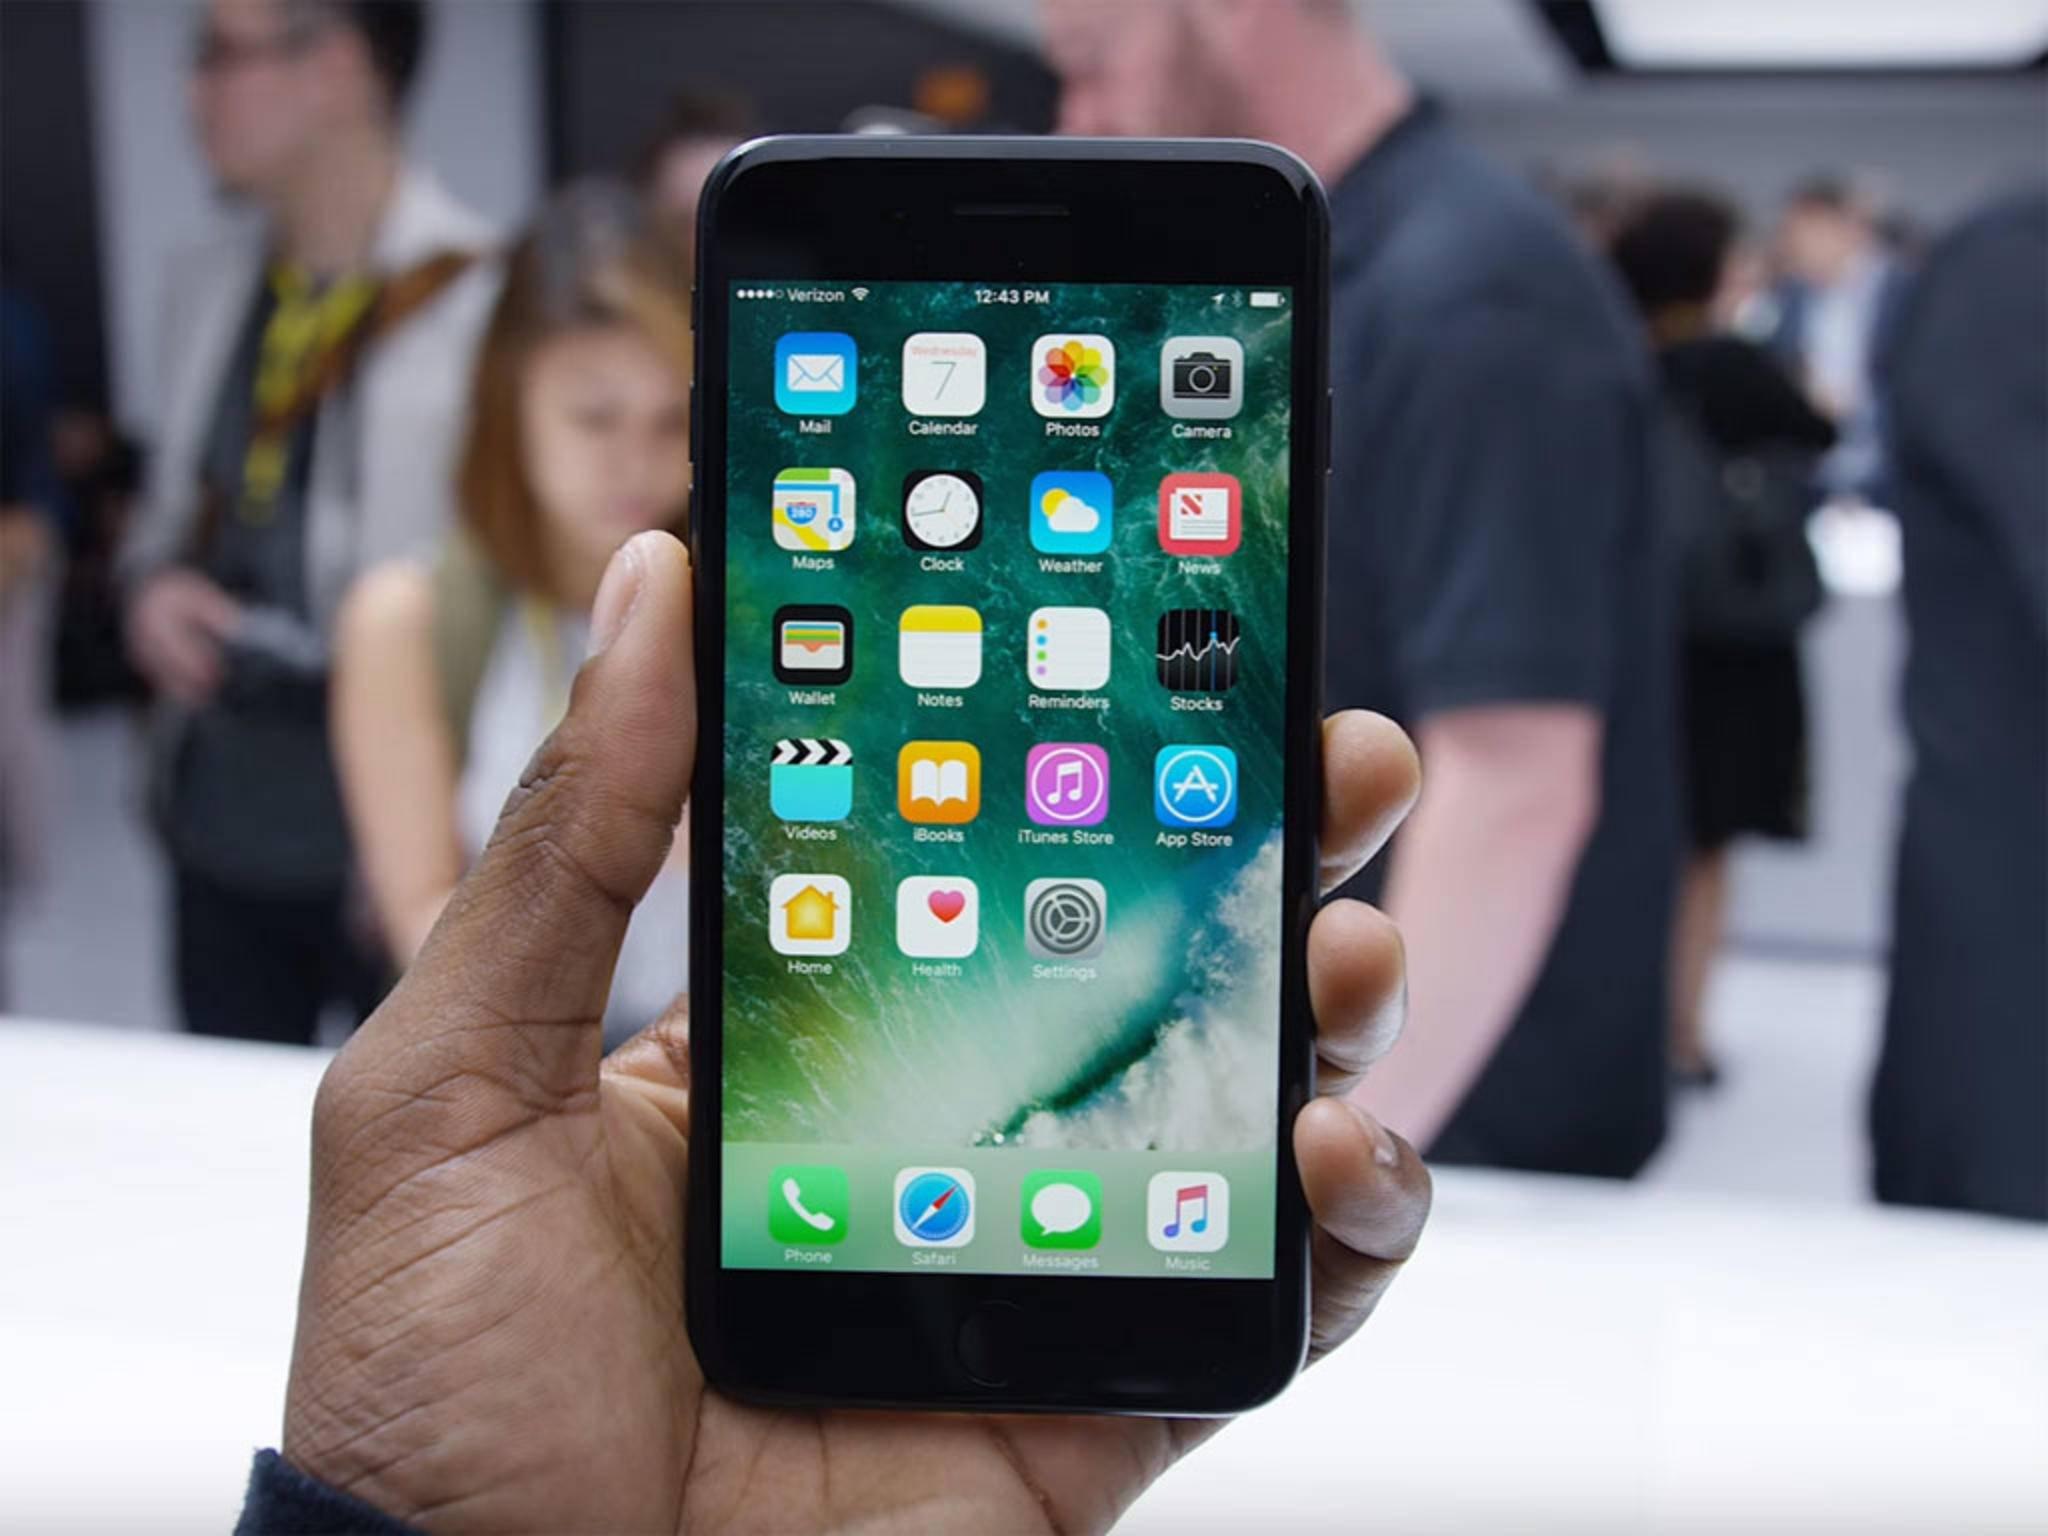 Einige nervige iOS 10-Einstellungen lassen sich fixen.